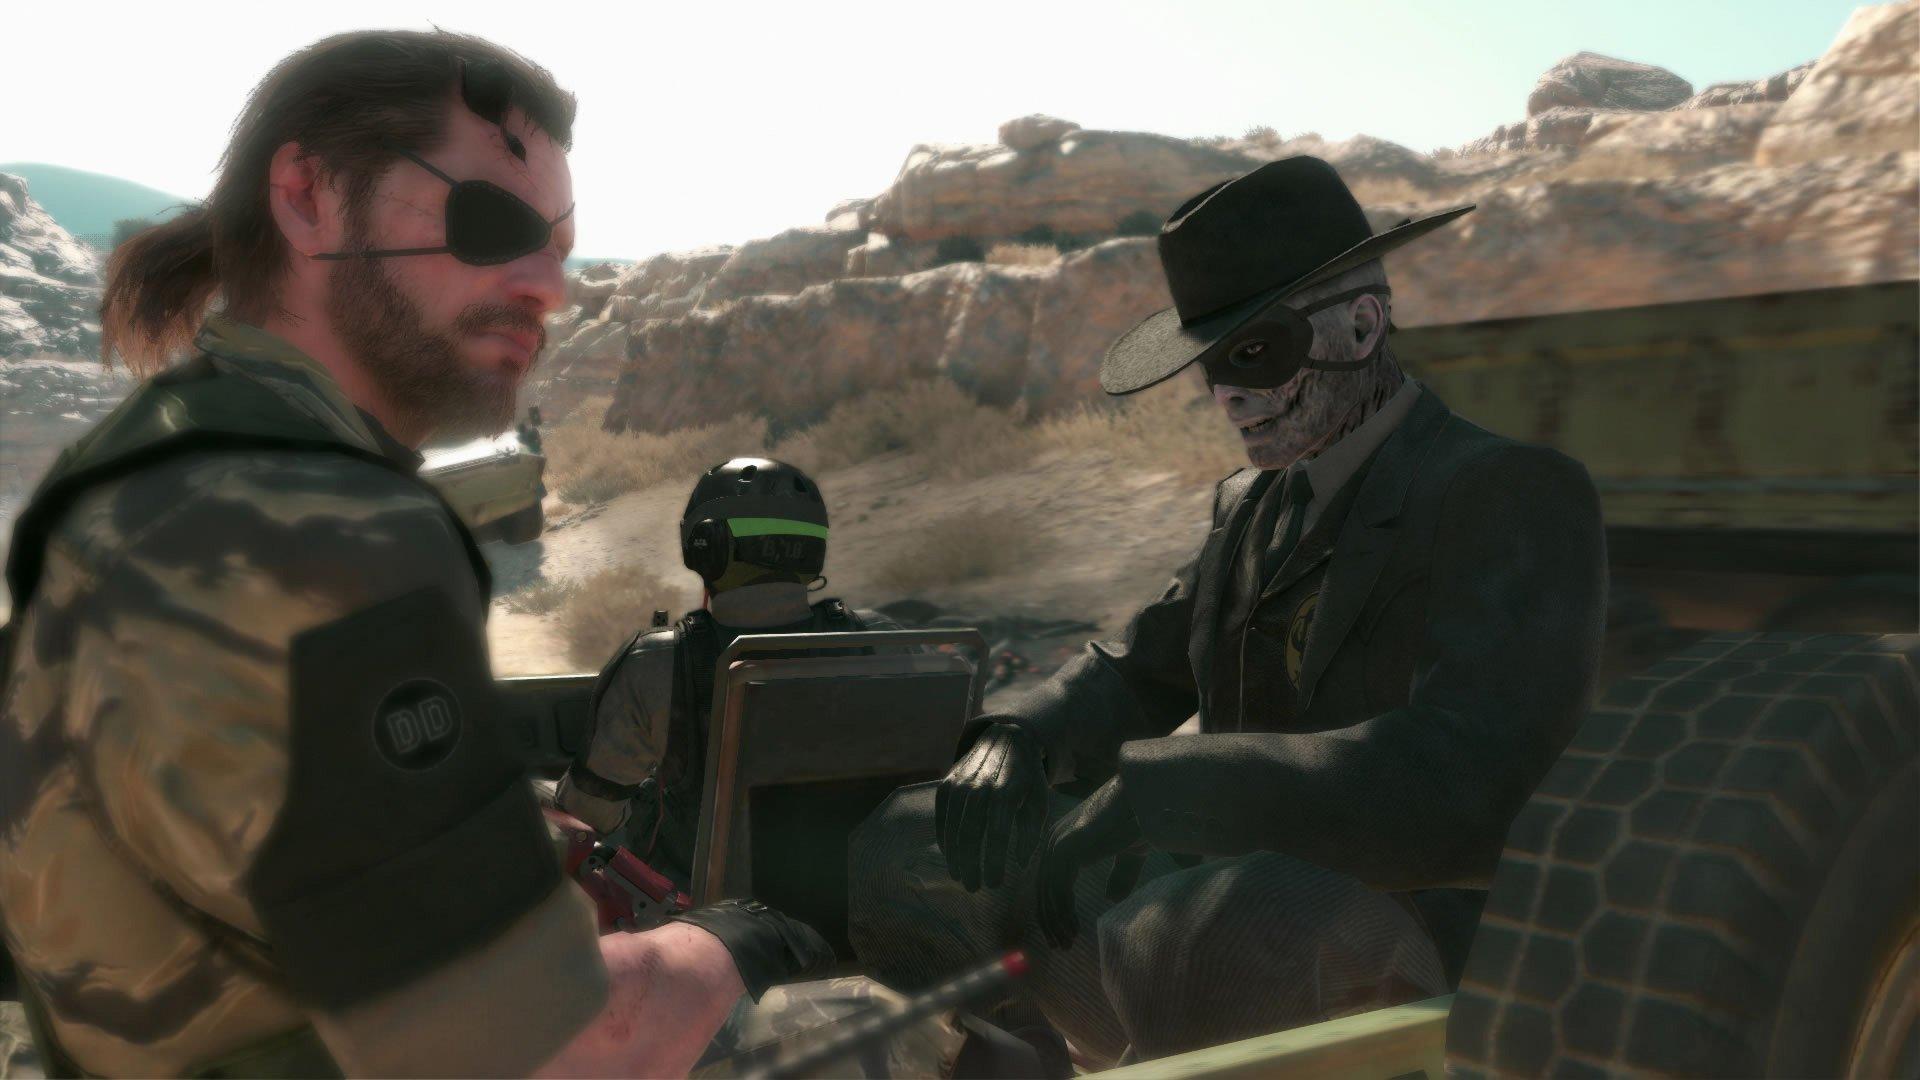 [дополнено] Кто убил Metal Gear Solid V? (спойлеры) - Изображение 2